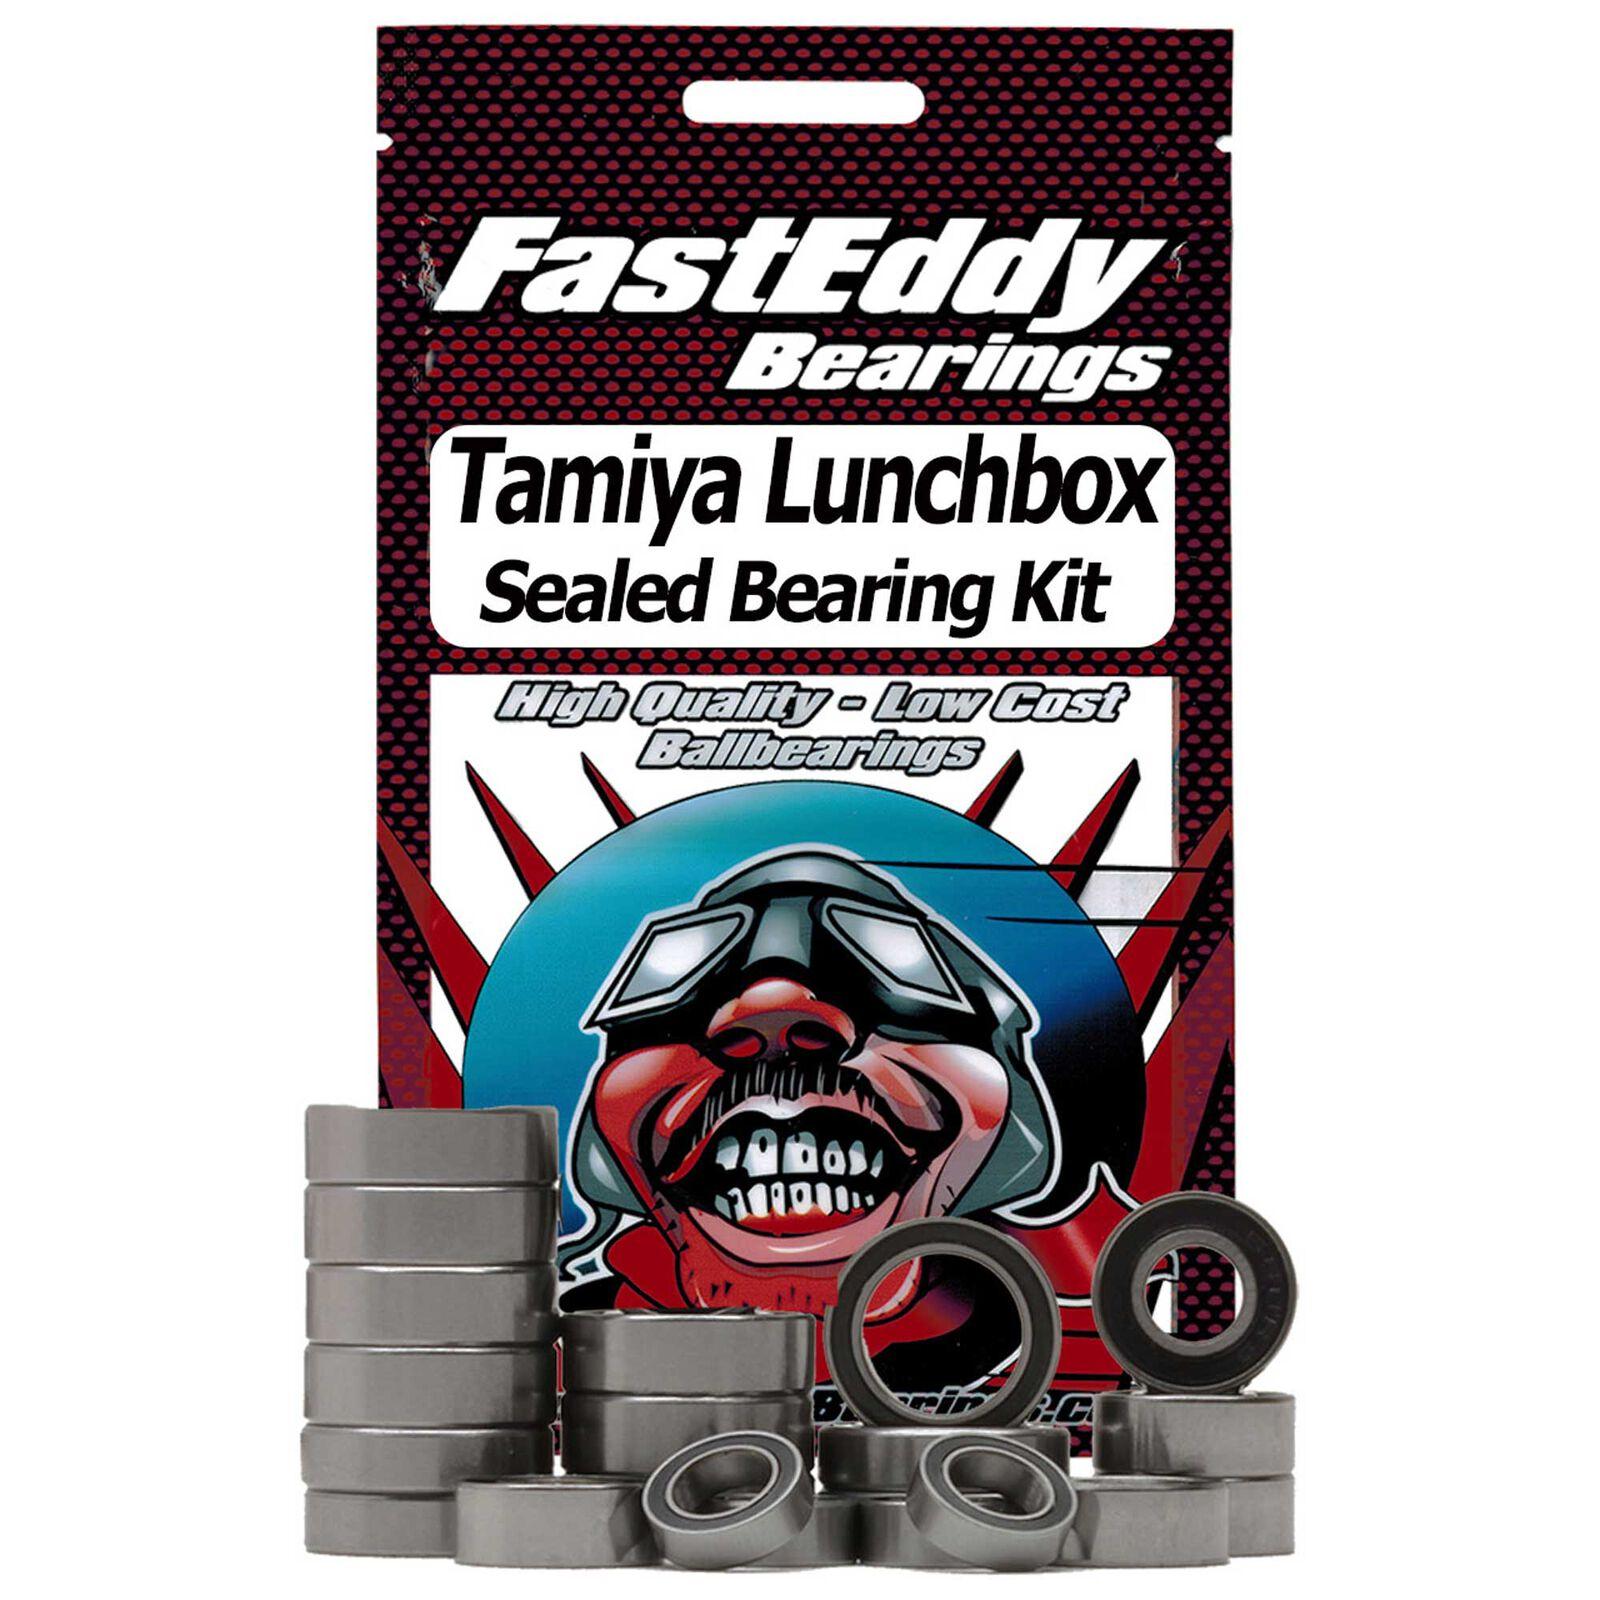 Sealed Bearing Kit: Tamiya Lunchbox 1/12 (58044)